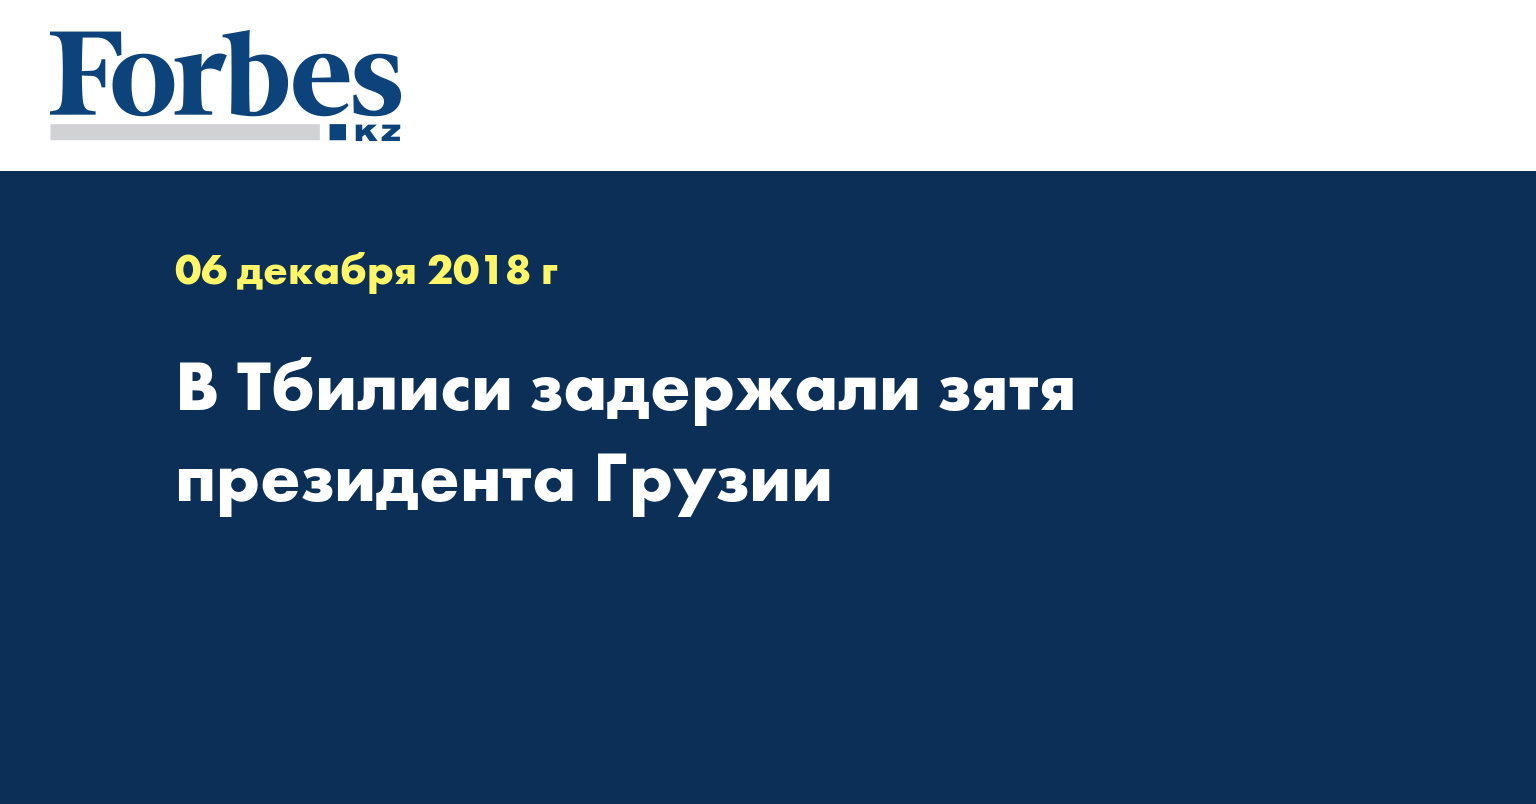 В Тбилиси задержали зятя президента Грузии